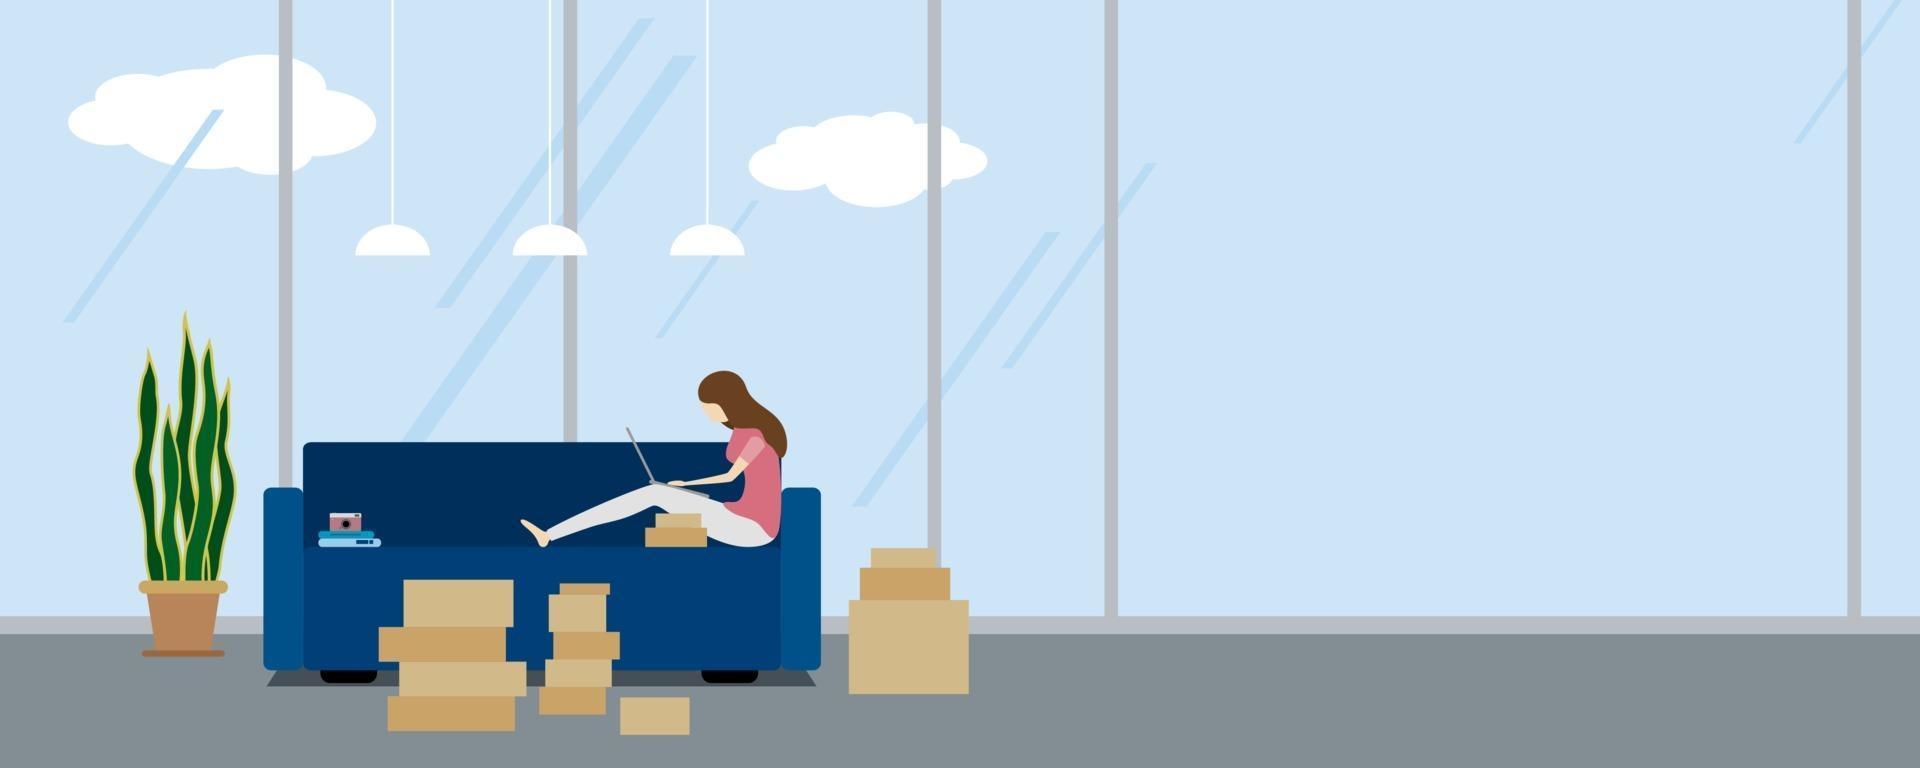 conception de magasinage en ligne de femme utilisant un ordinateur portable sur un canapé à illustration vectorielle condominium vecteur